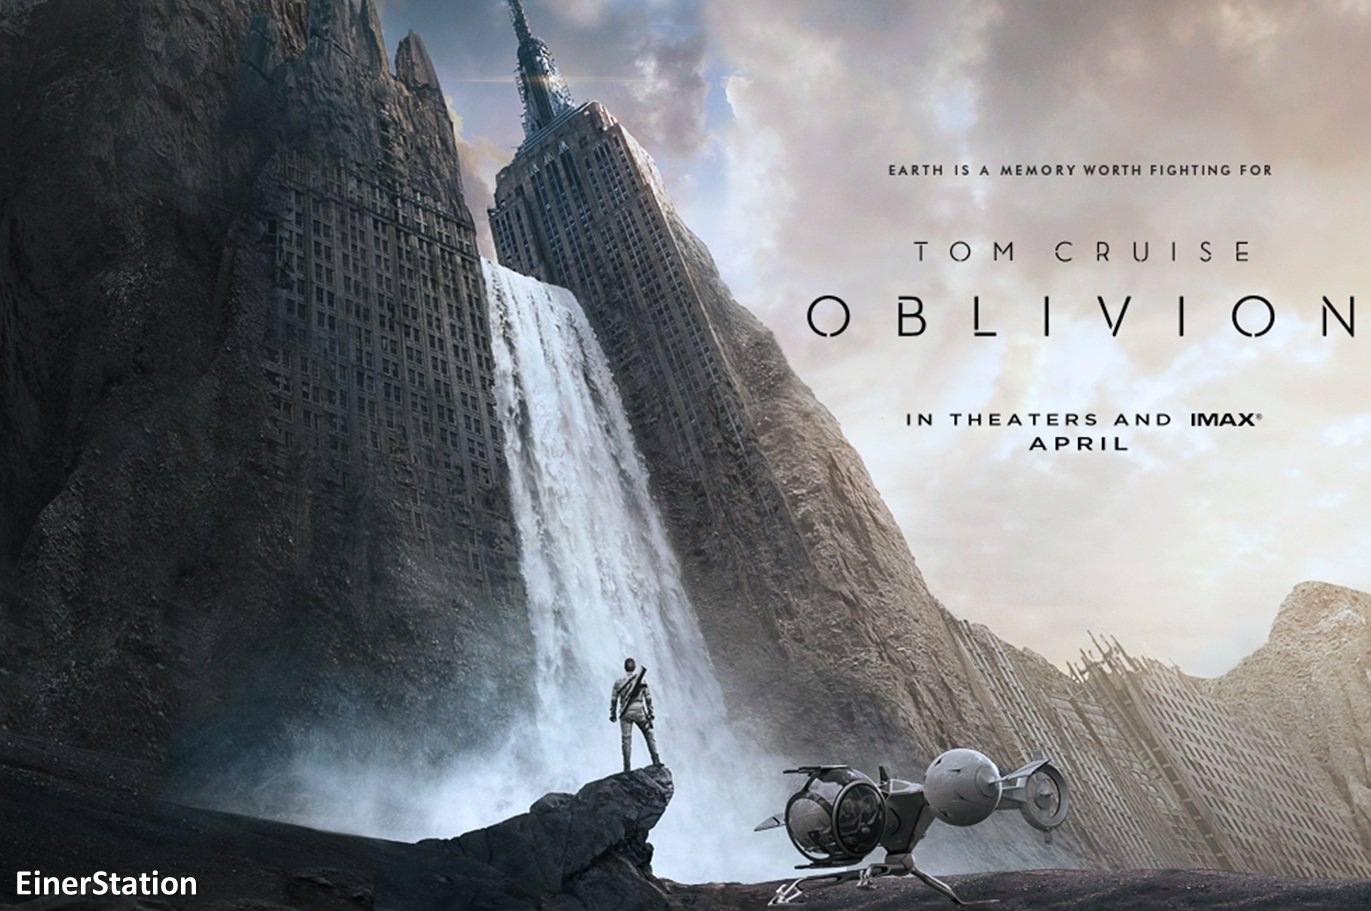 АХТУНГ! СПОЙЛЕРЫ!  Посмотрел сегодня фильм Забвение (Oblivion). Вроде хороший фильм, хорошие спецэффекты, игра актёр .... - Изображение 1